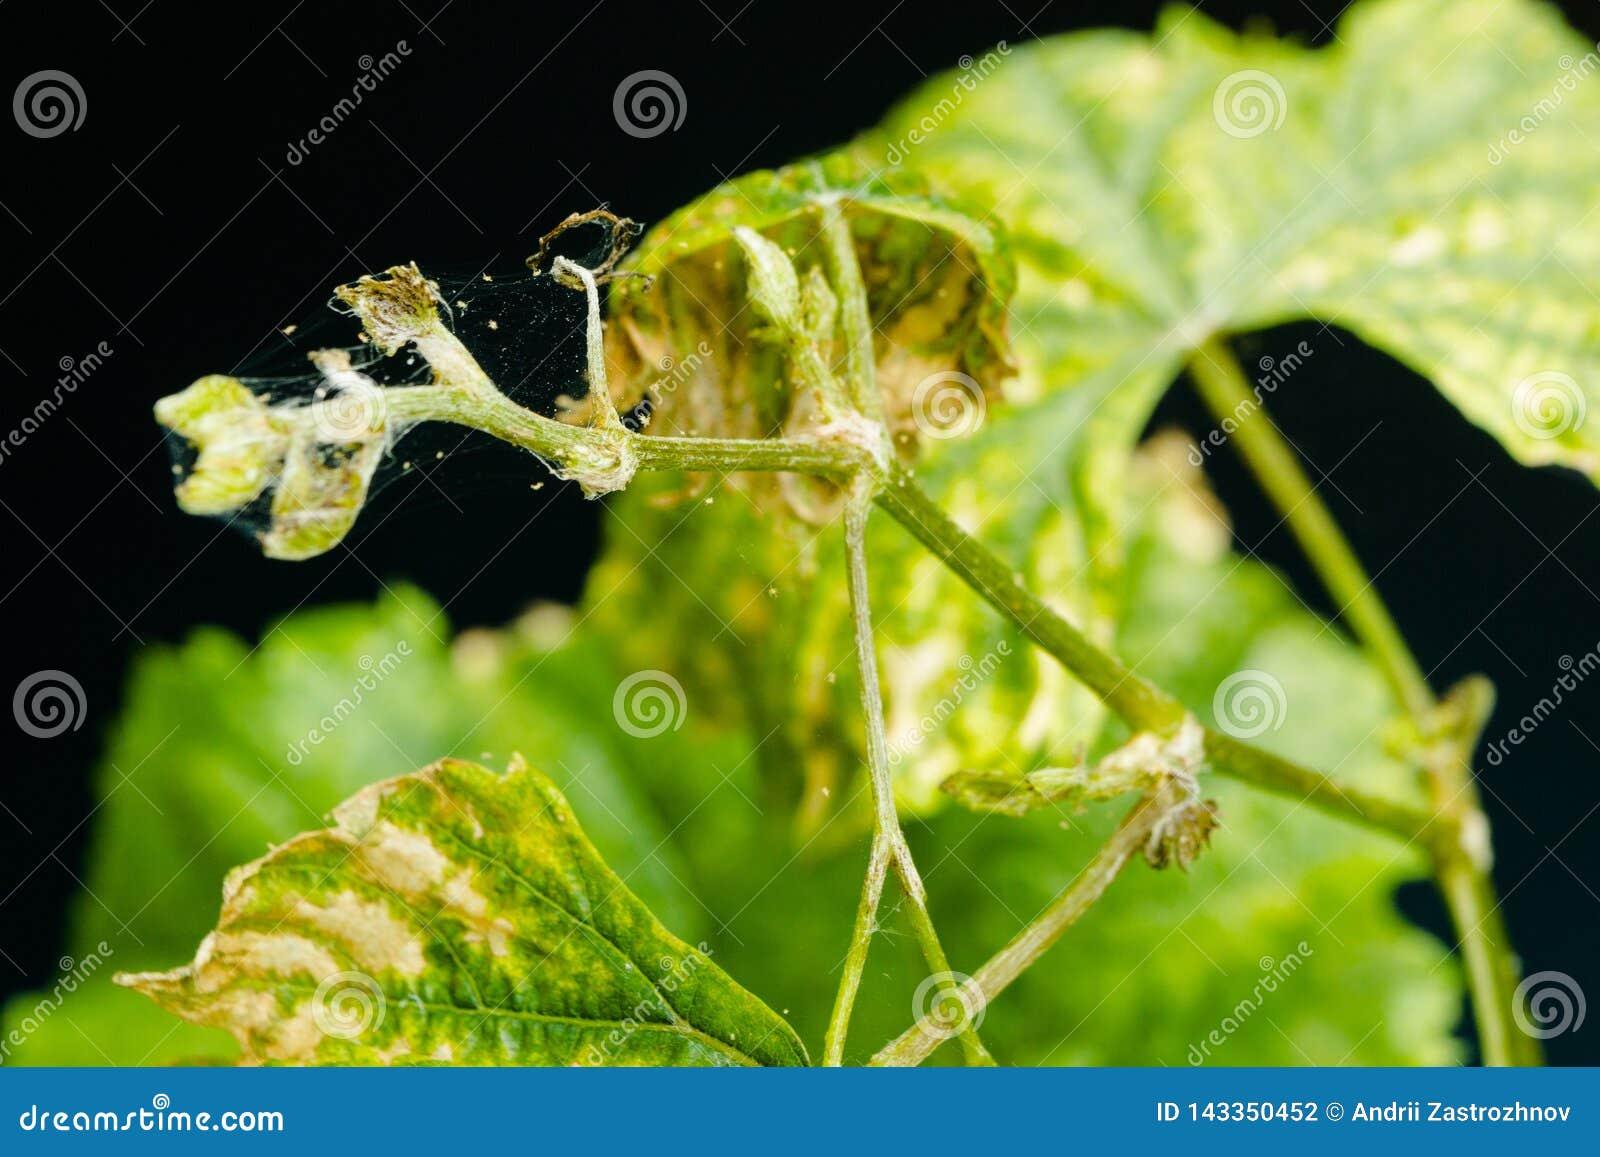 Spinnenmilbe schmarotzt auf den kranken und trockenen Traubenblättern, lokalisiert auf schwarzem Hintergrund